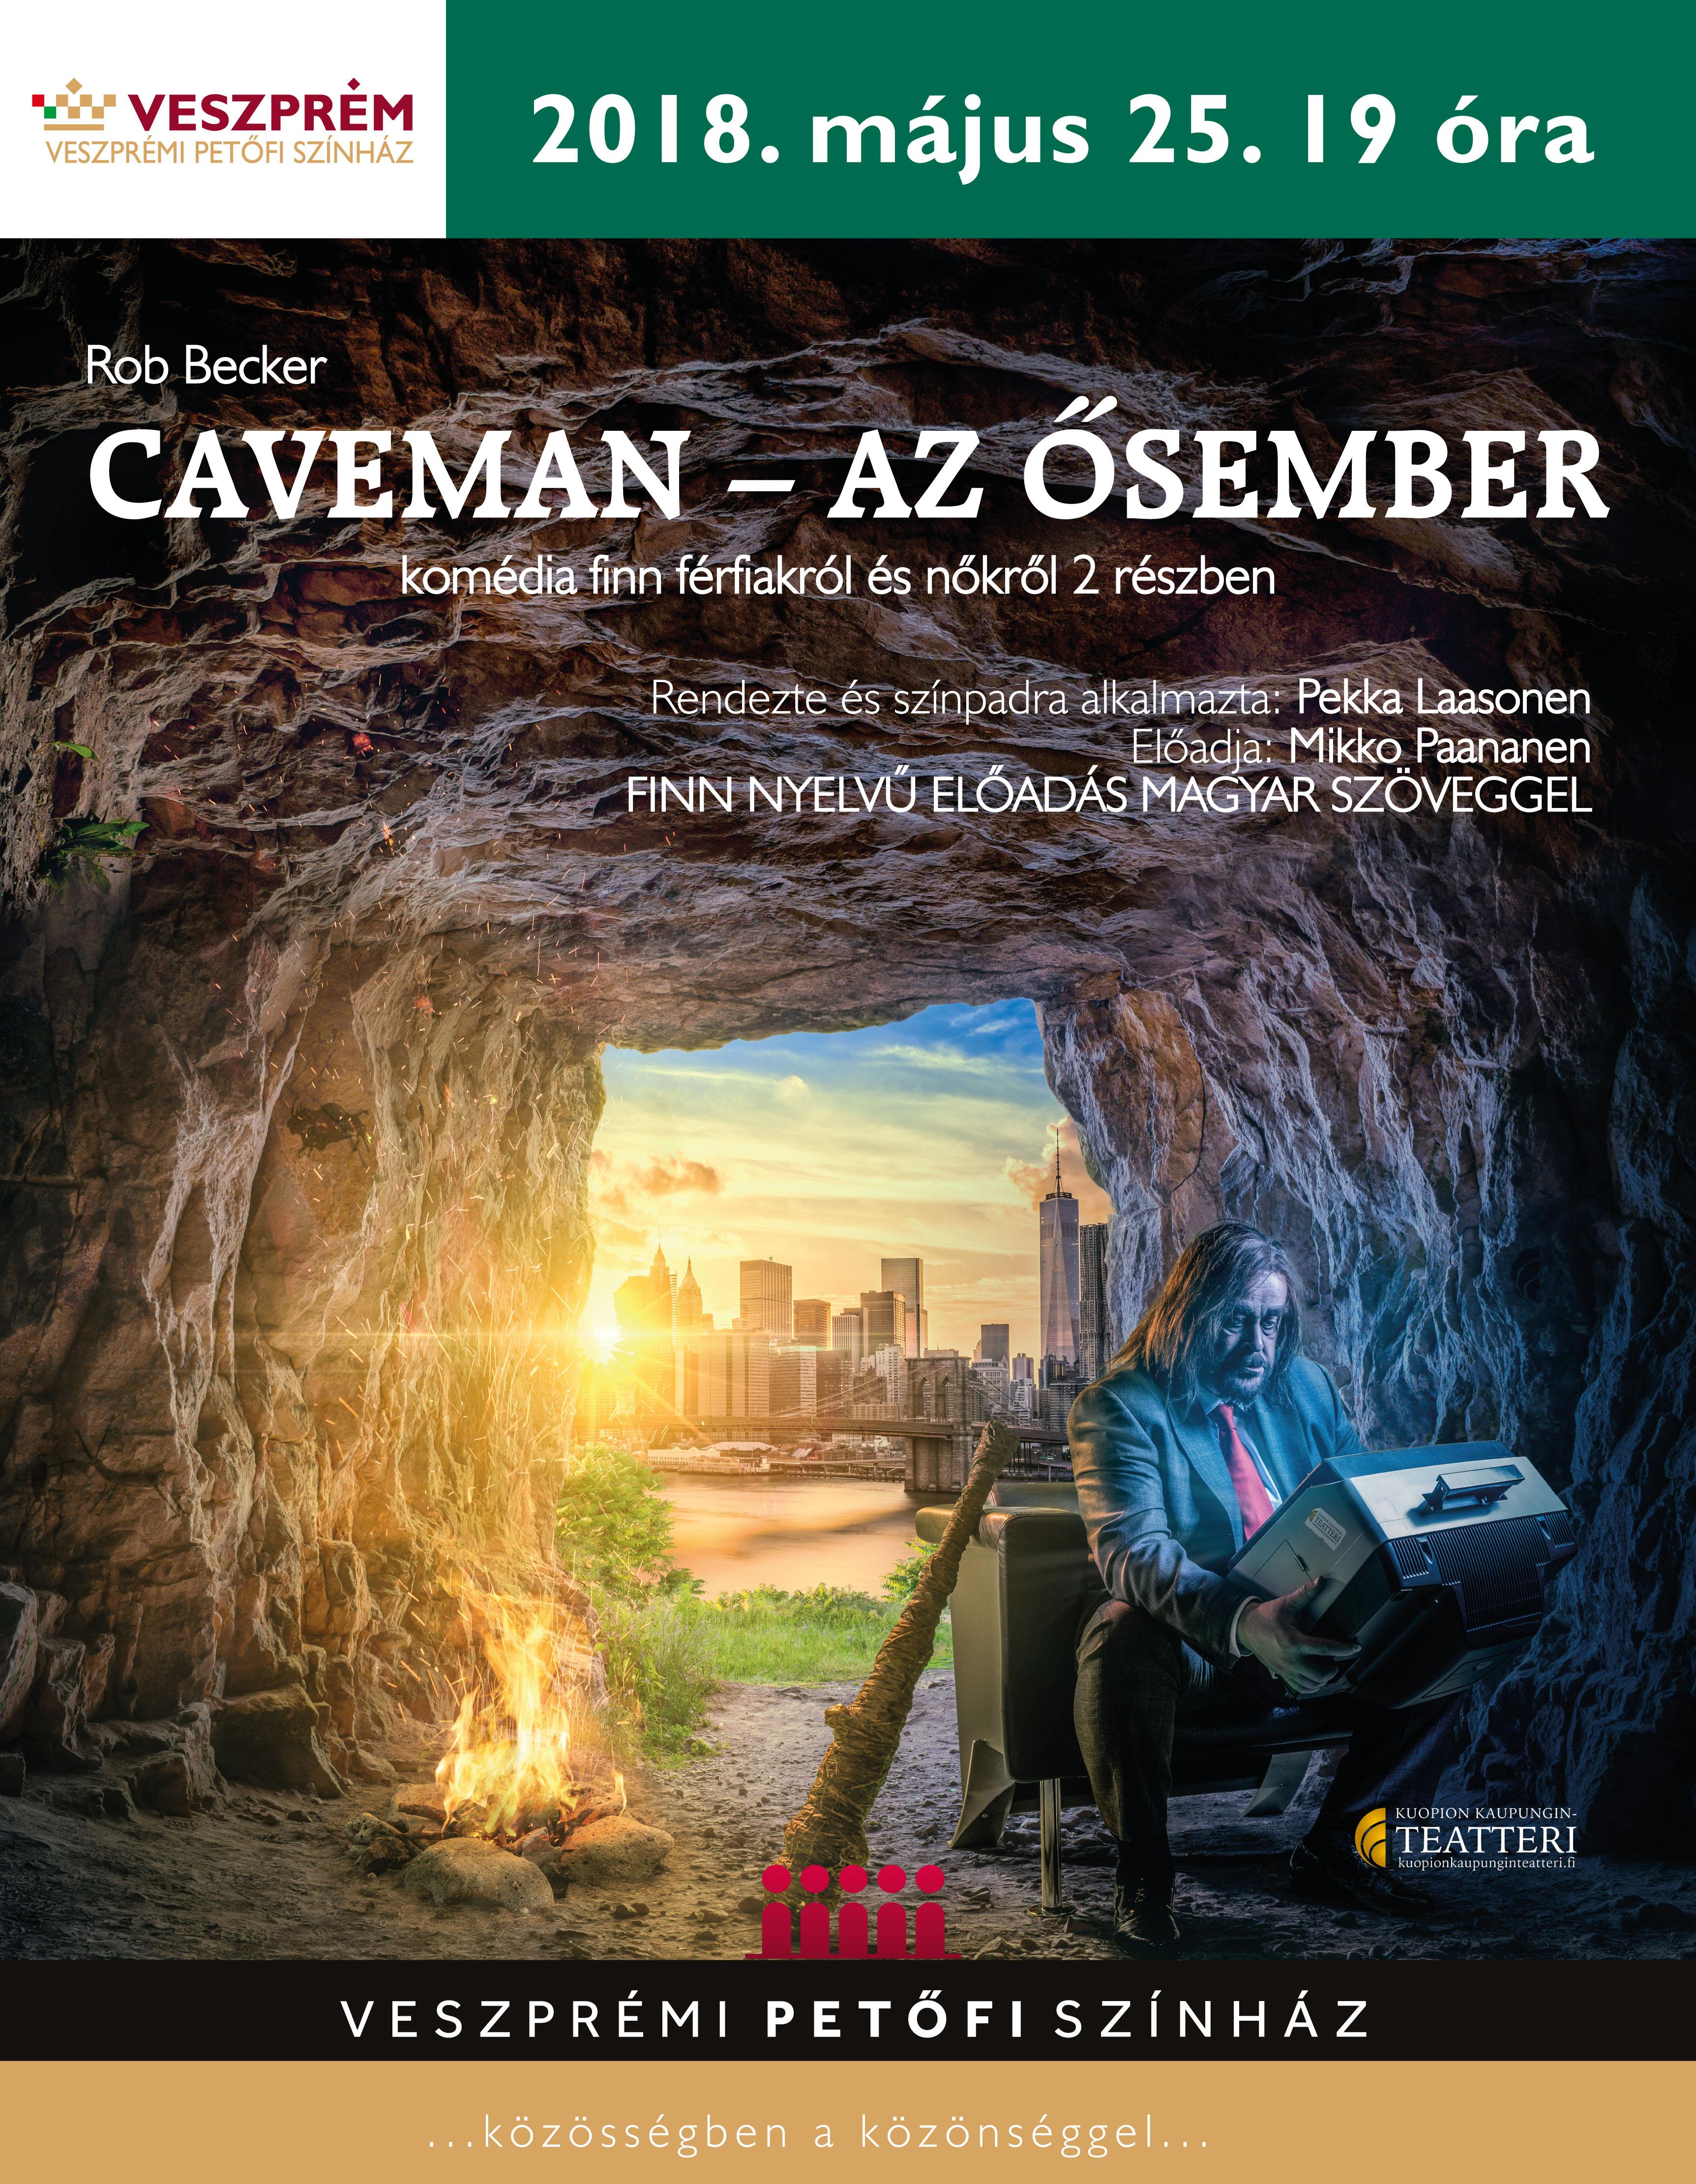 CAVEMAN – AZ ŐSEMBER